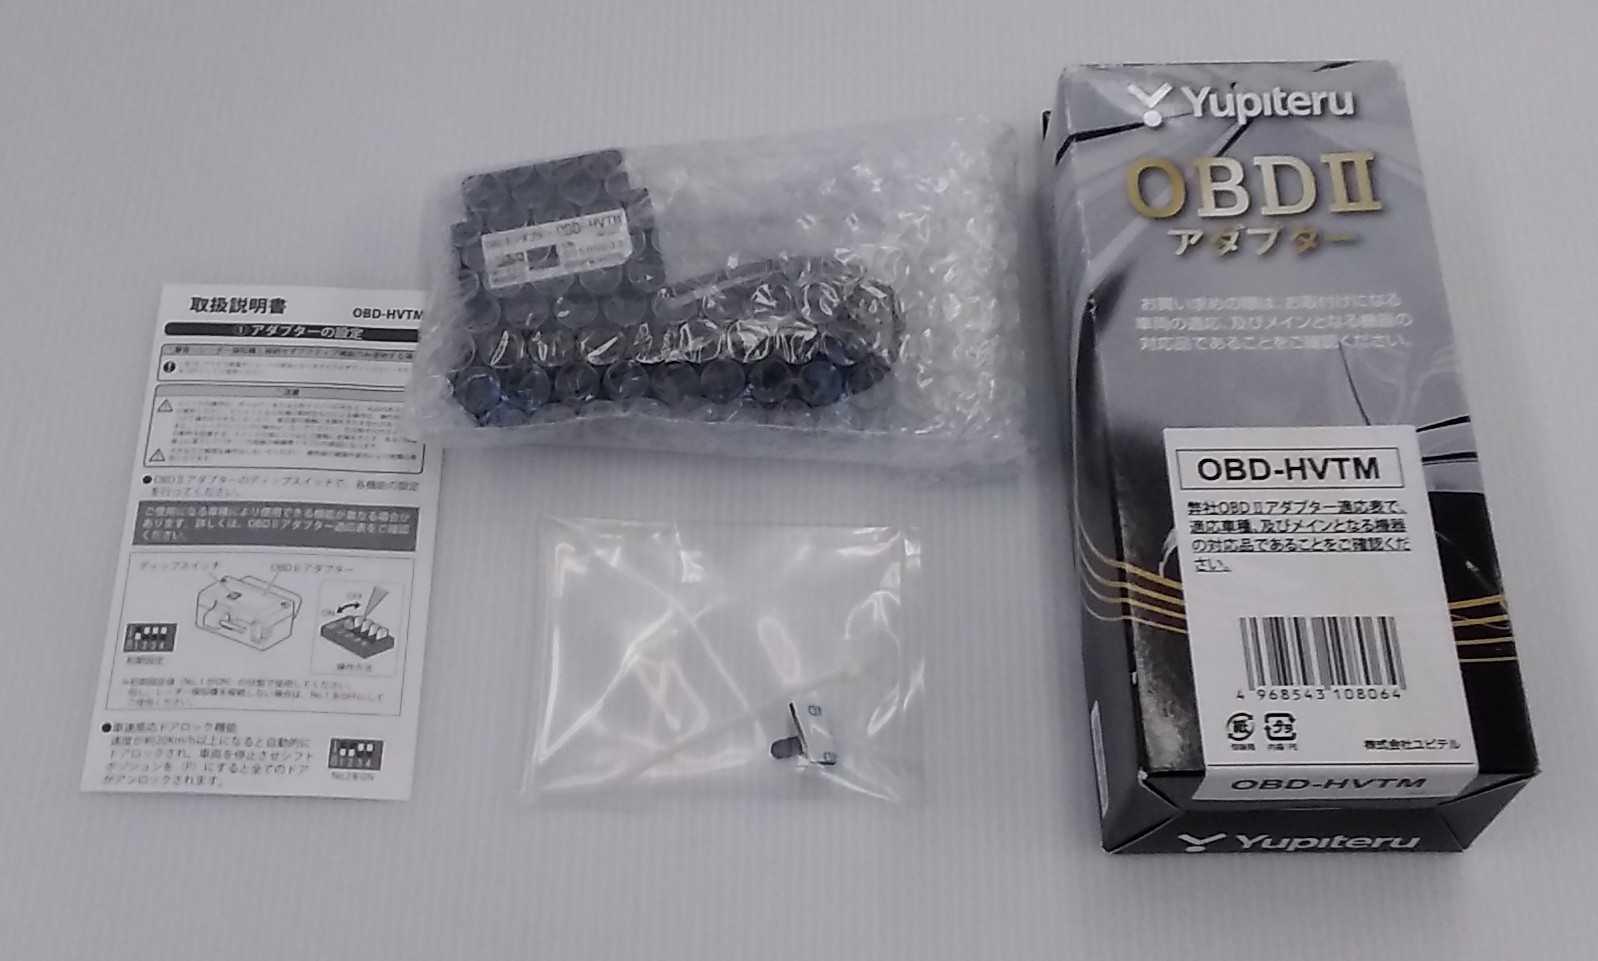 OBDⅡアダプター|YUPITERU